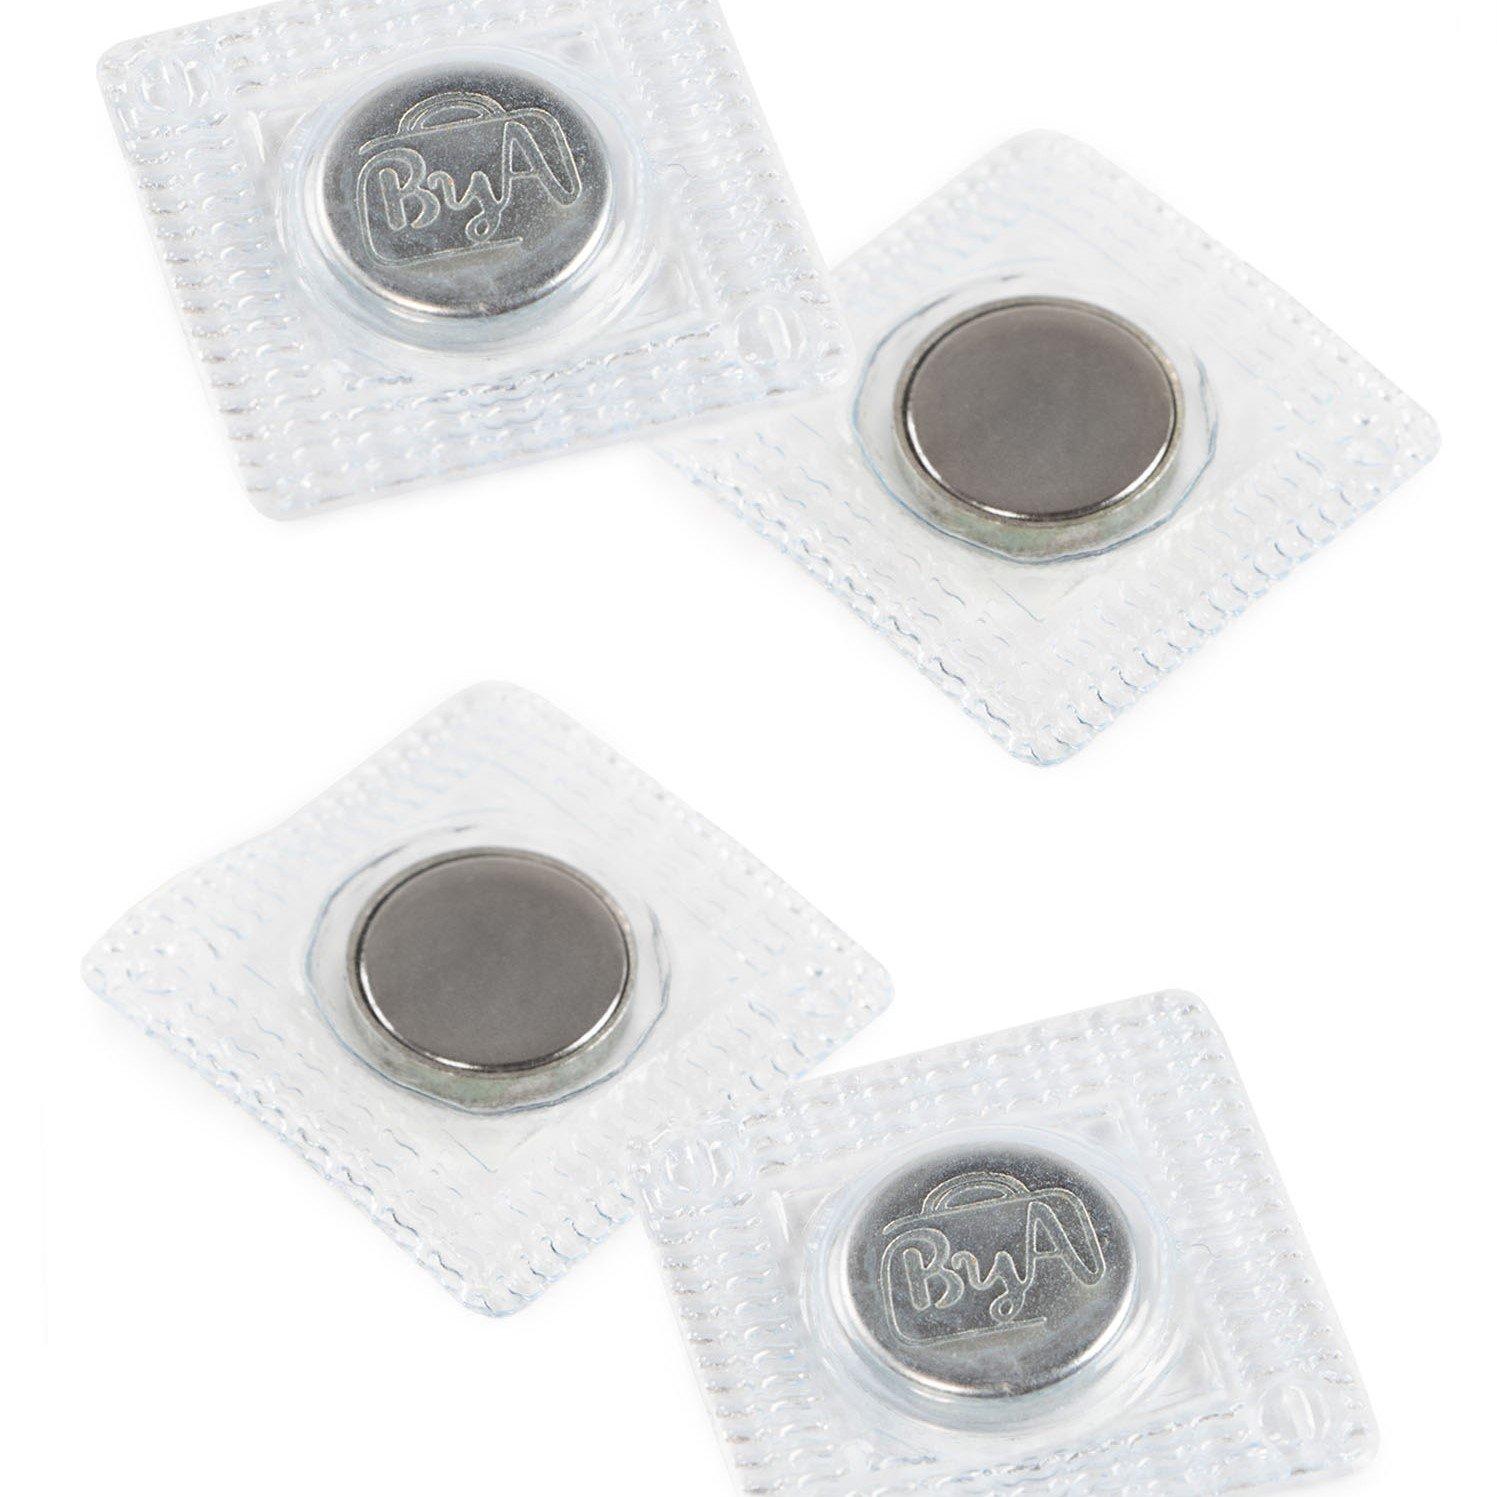 BA - Magnetic Snap Set, Sew-In - 5/8in/14mm - Nickel, Set of 2 HAR-MAG-N-TO